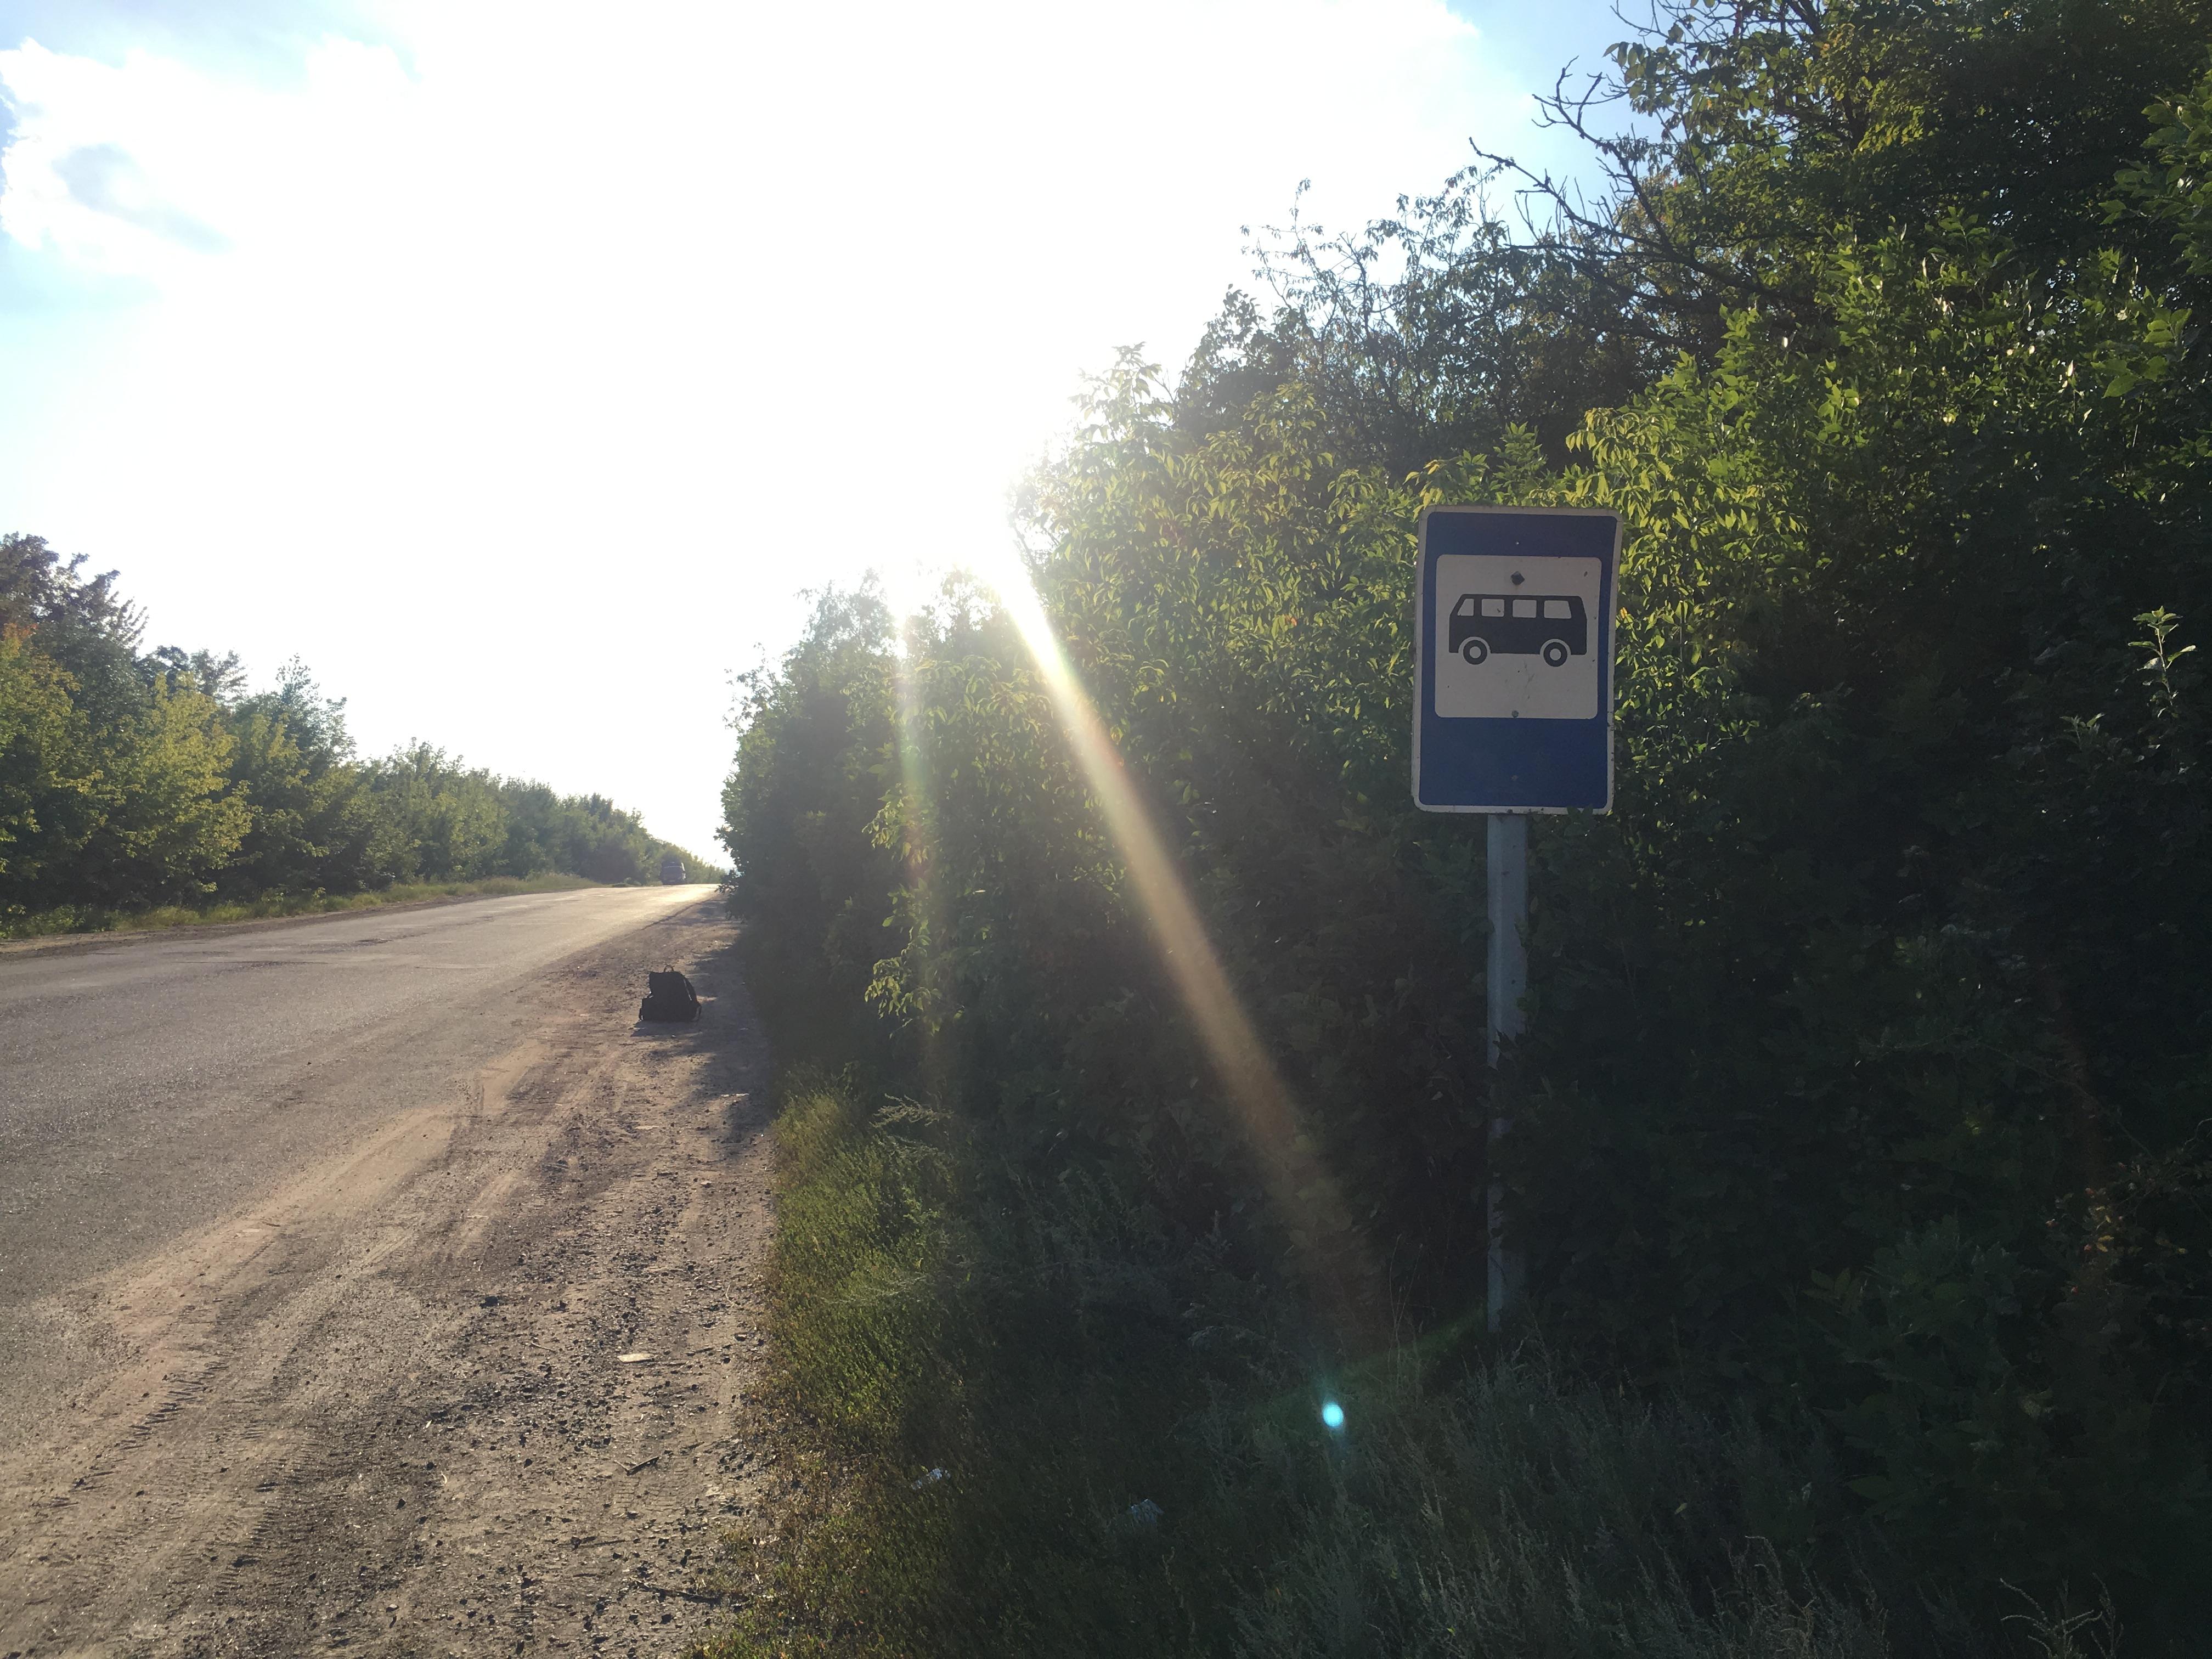 Ukraina autostopem? Dzień 3: Niemirów - Tulczyn - Jampol 16